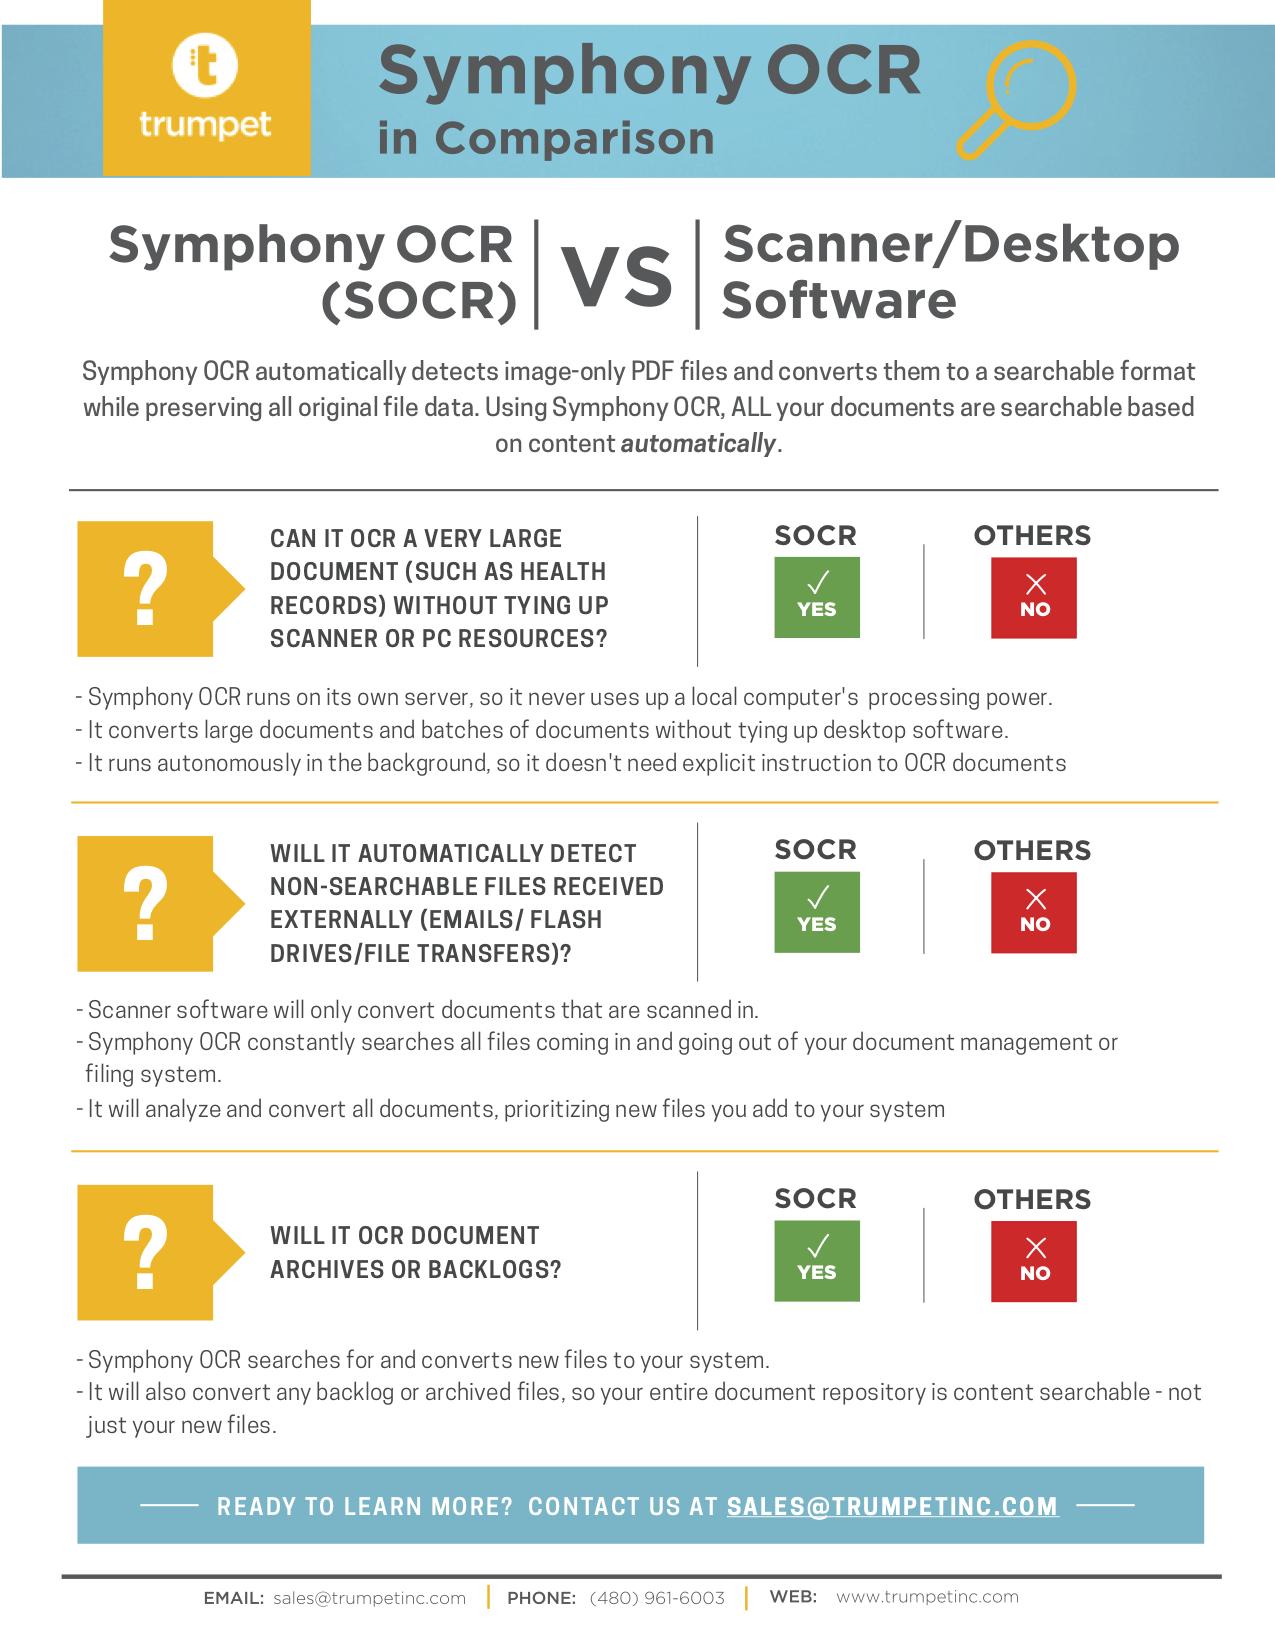 SOCR in Comparison